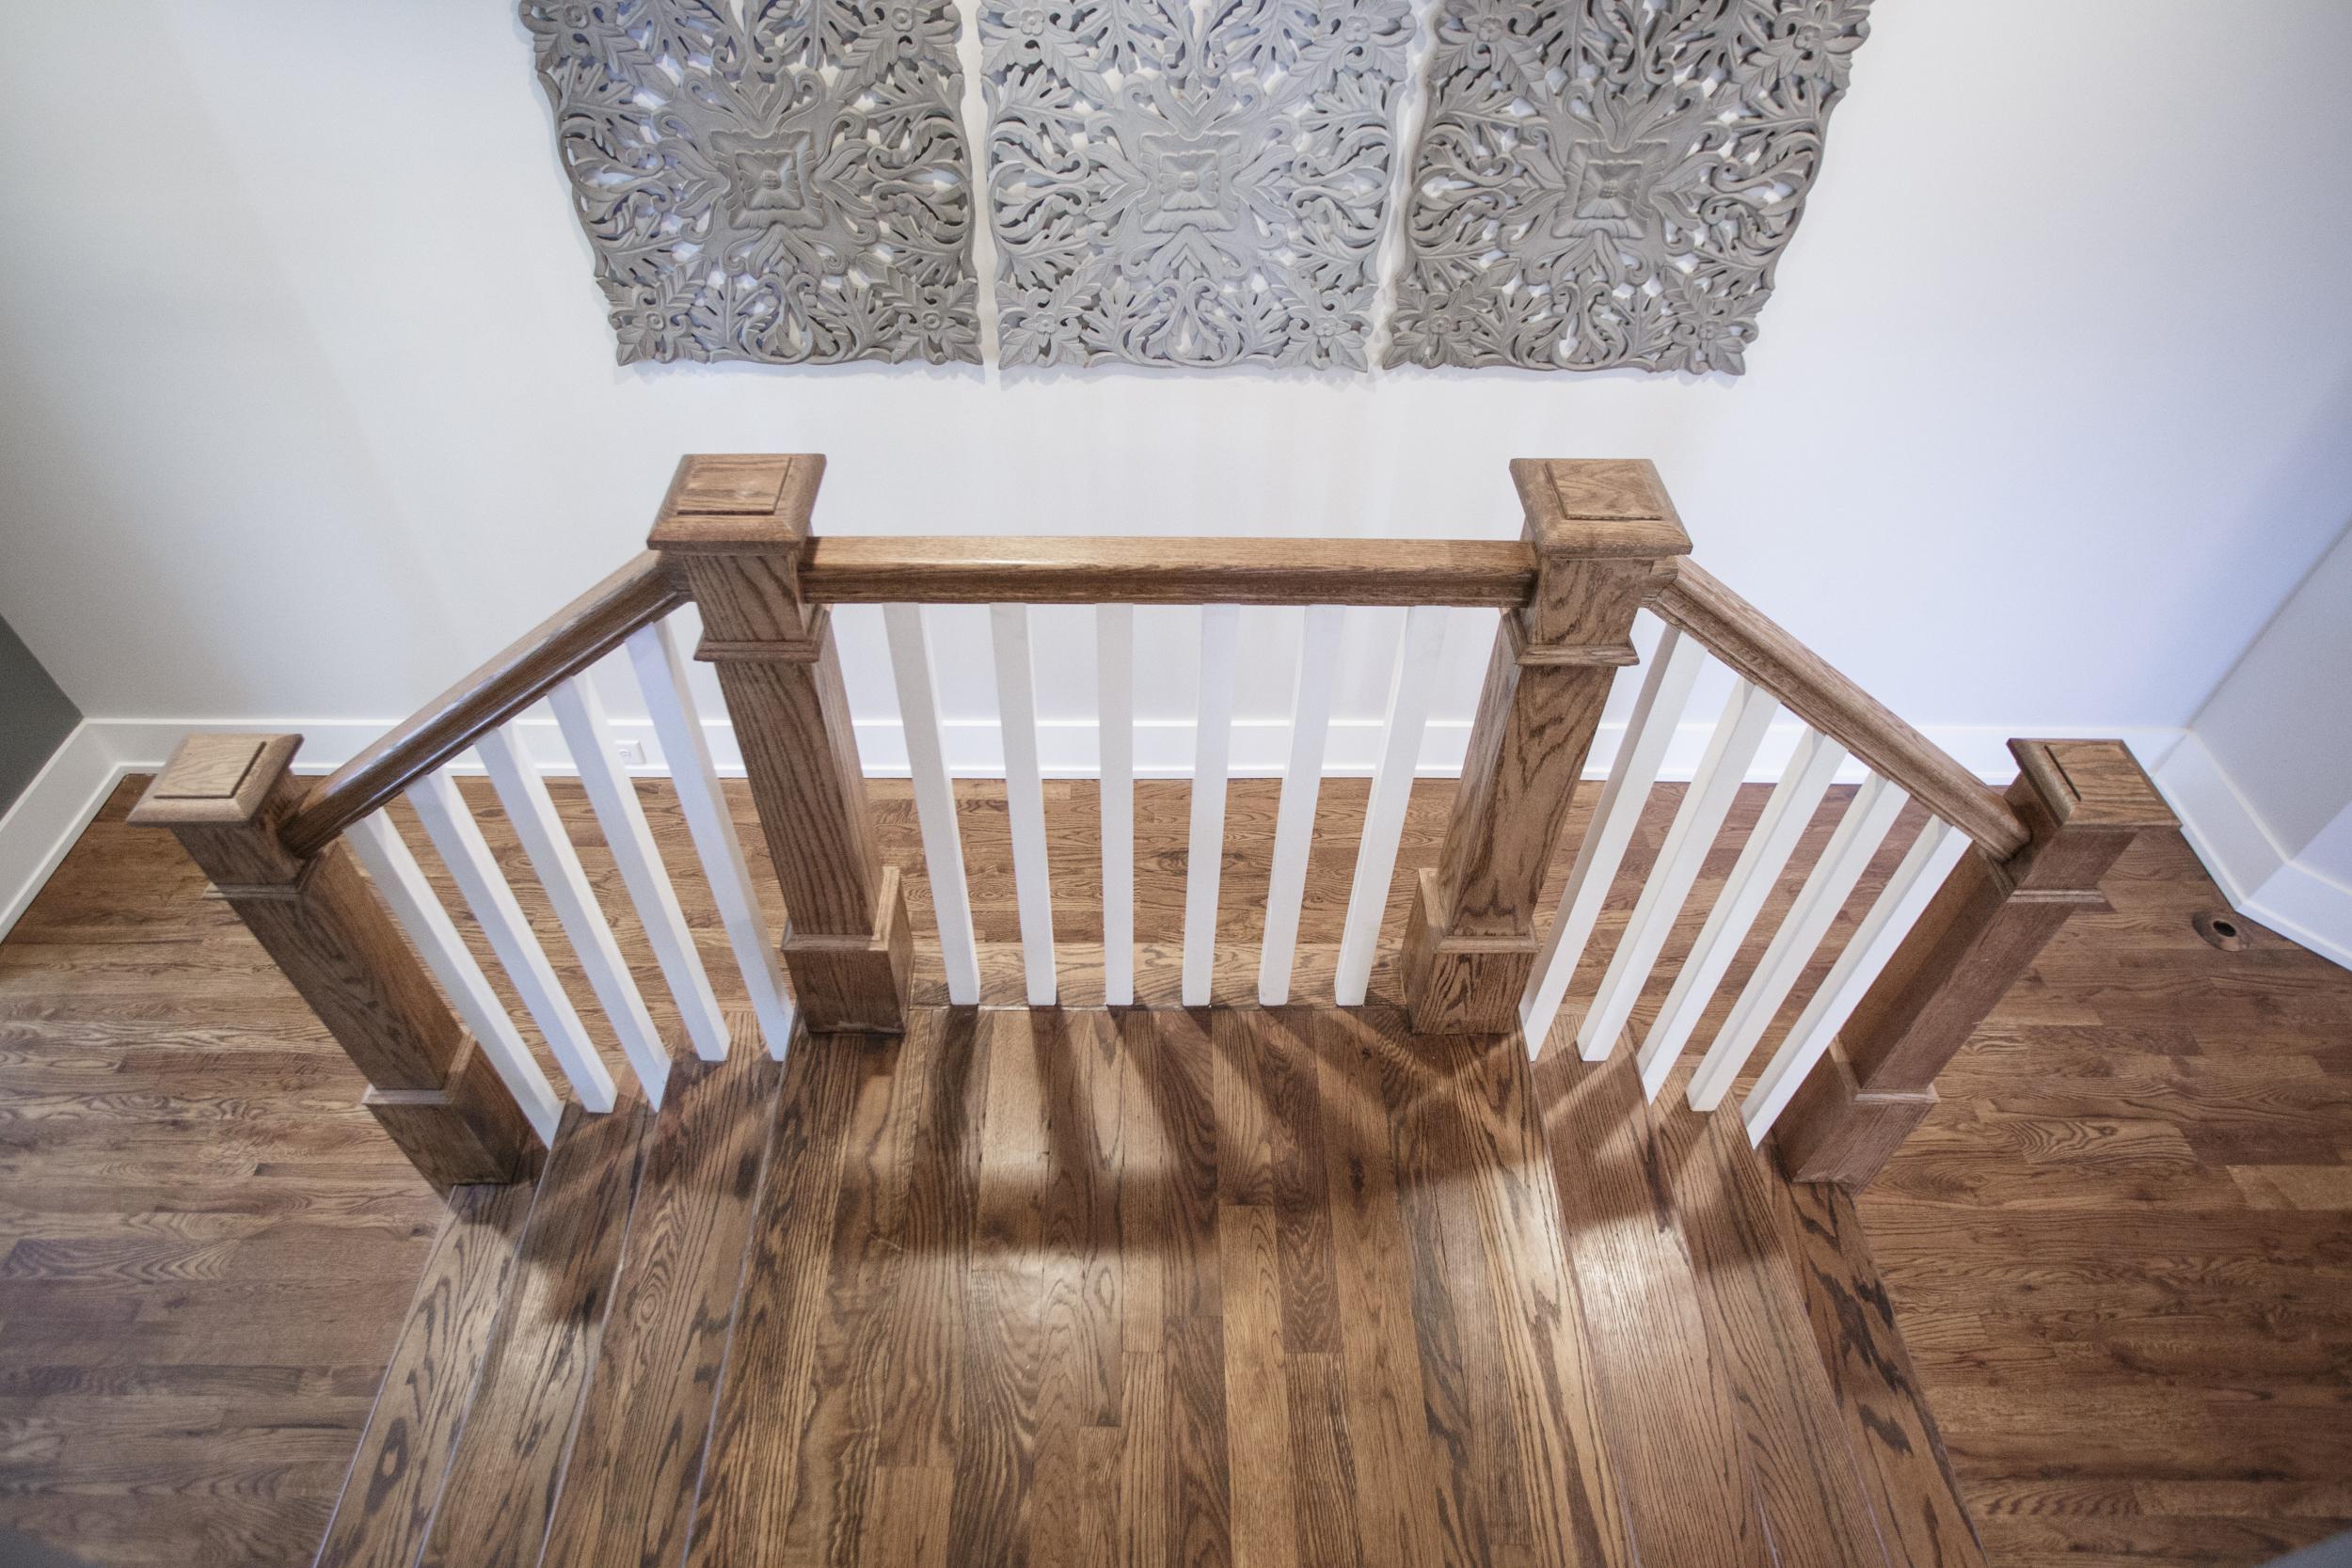 britt-development-group-nashville-tennessee-custom-home-builder-historic-renovation-0653.jpg